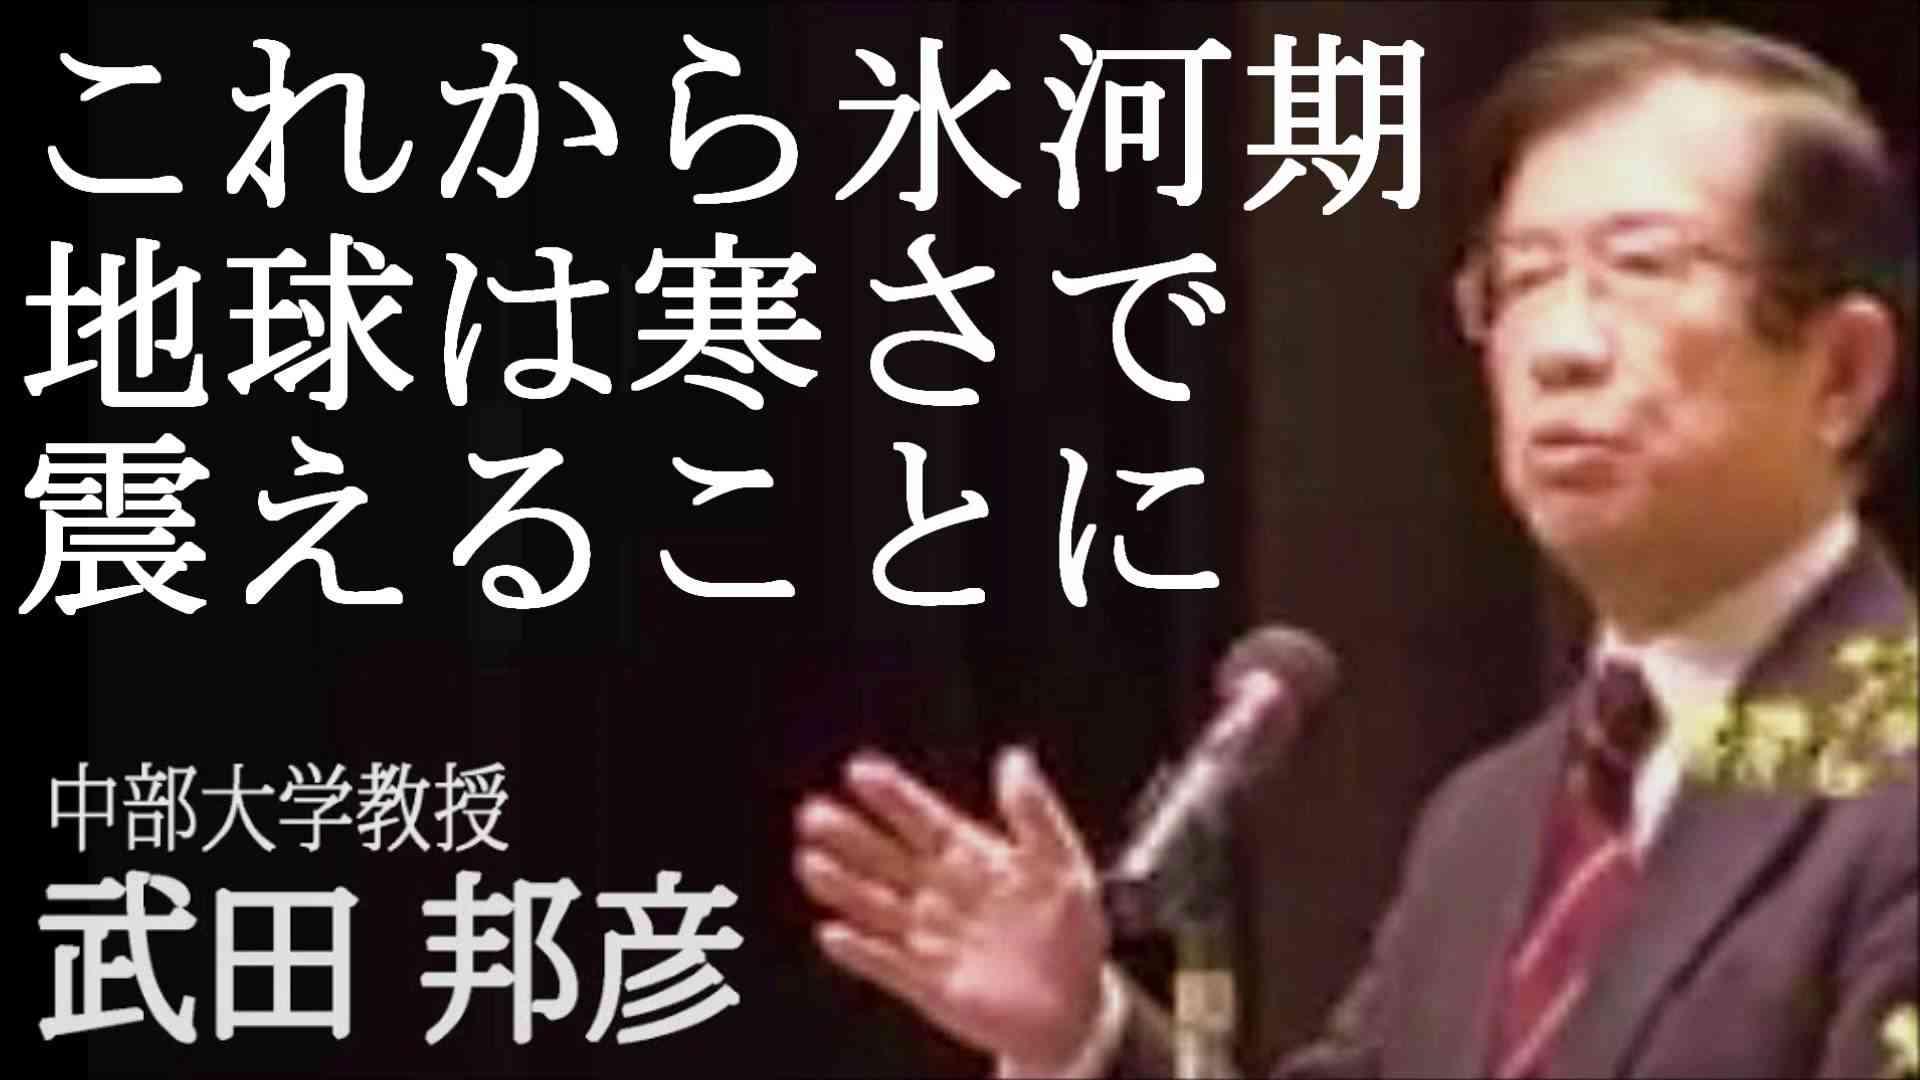 【地球温暖化?】 これから氷河期、地球は寒さで震えることに / 武田 邦彦 - YouTube